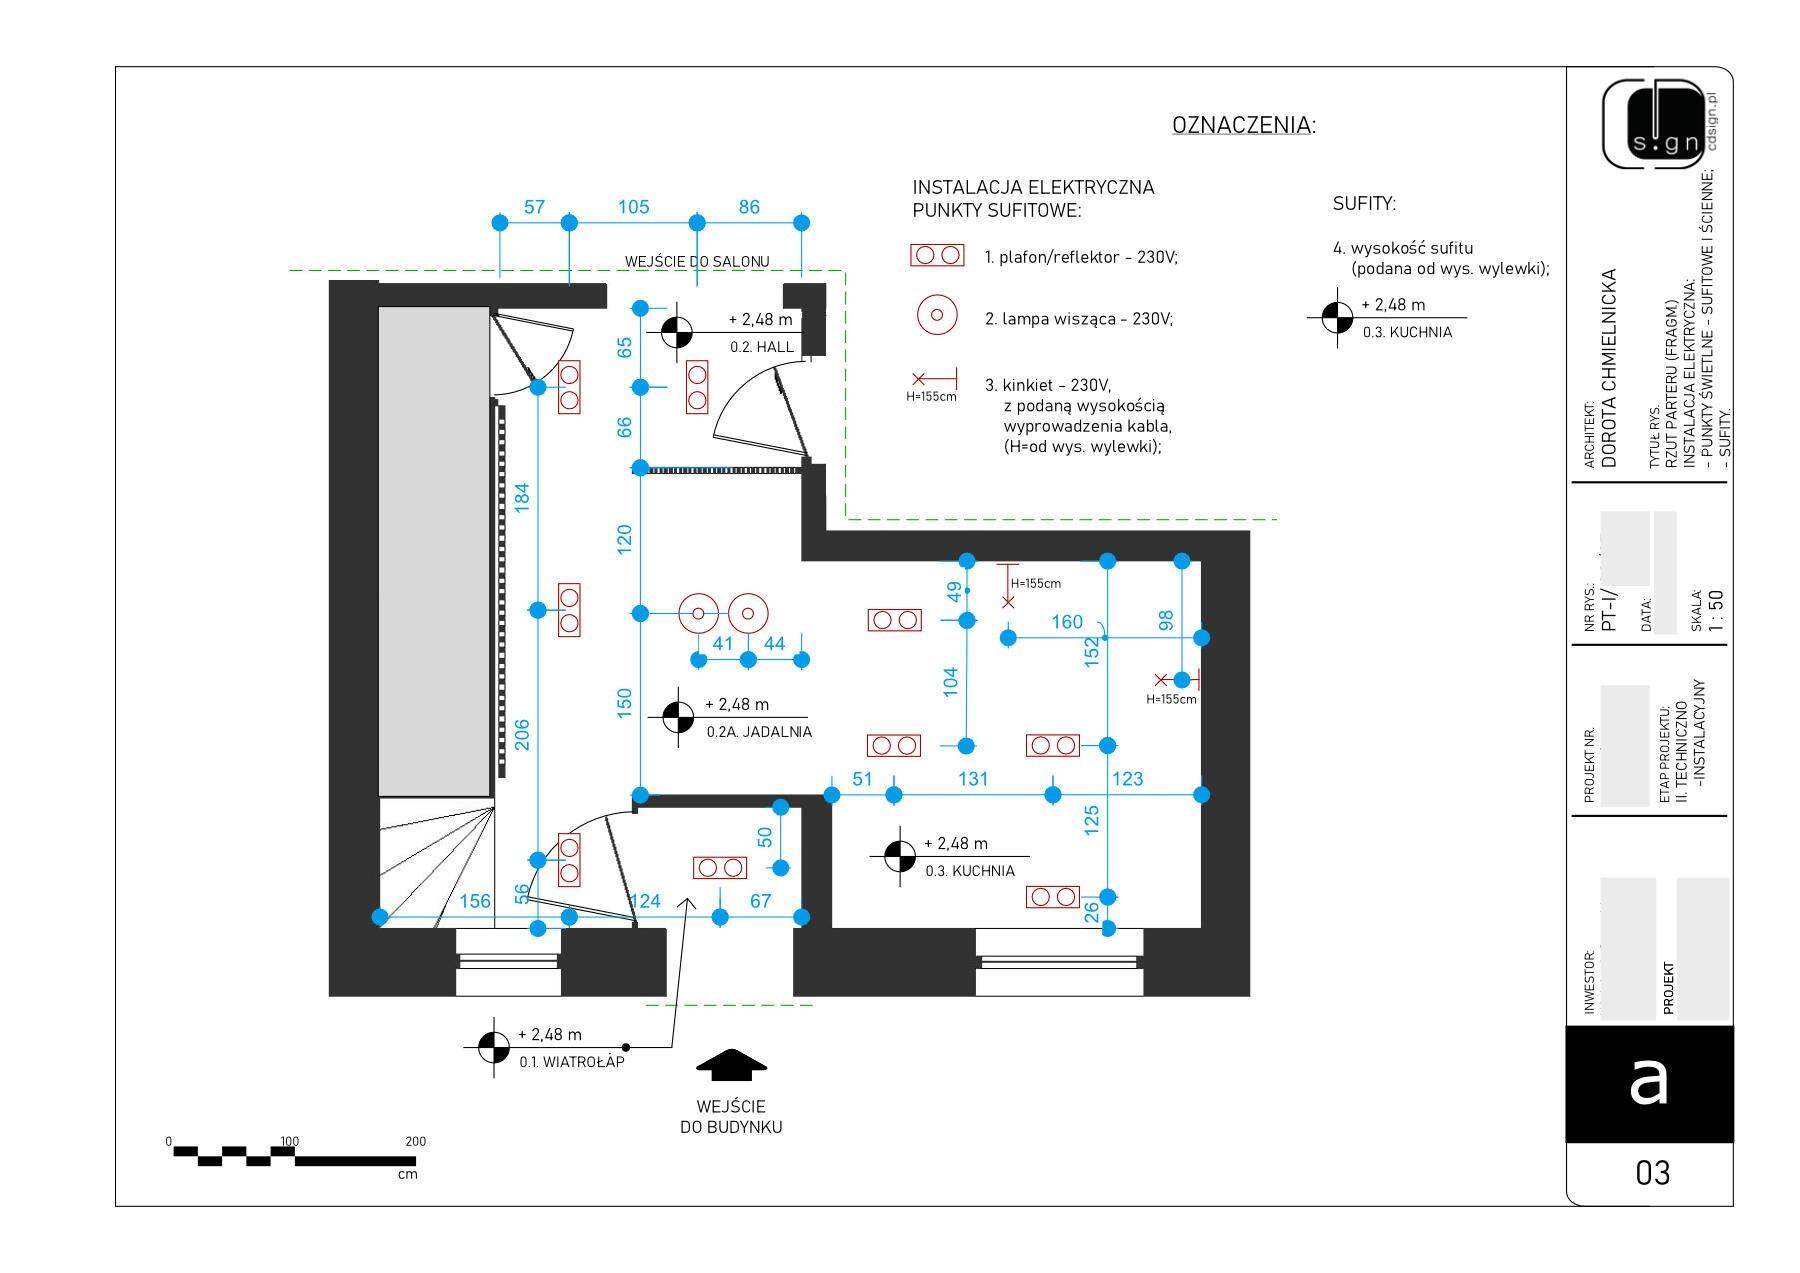 Projekt rozmieszczenia punktów świetlnych instalacji elektrycznej.